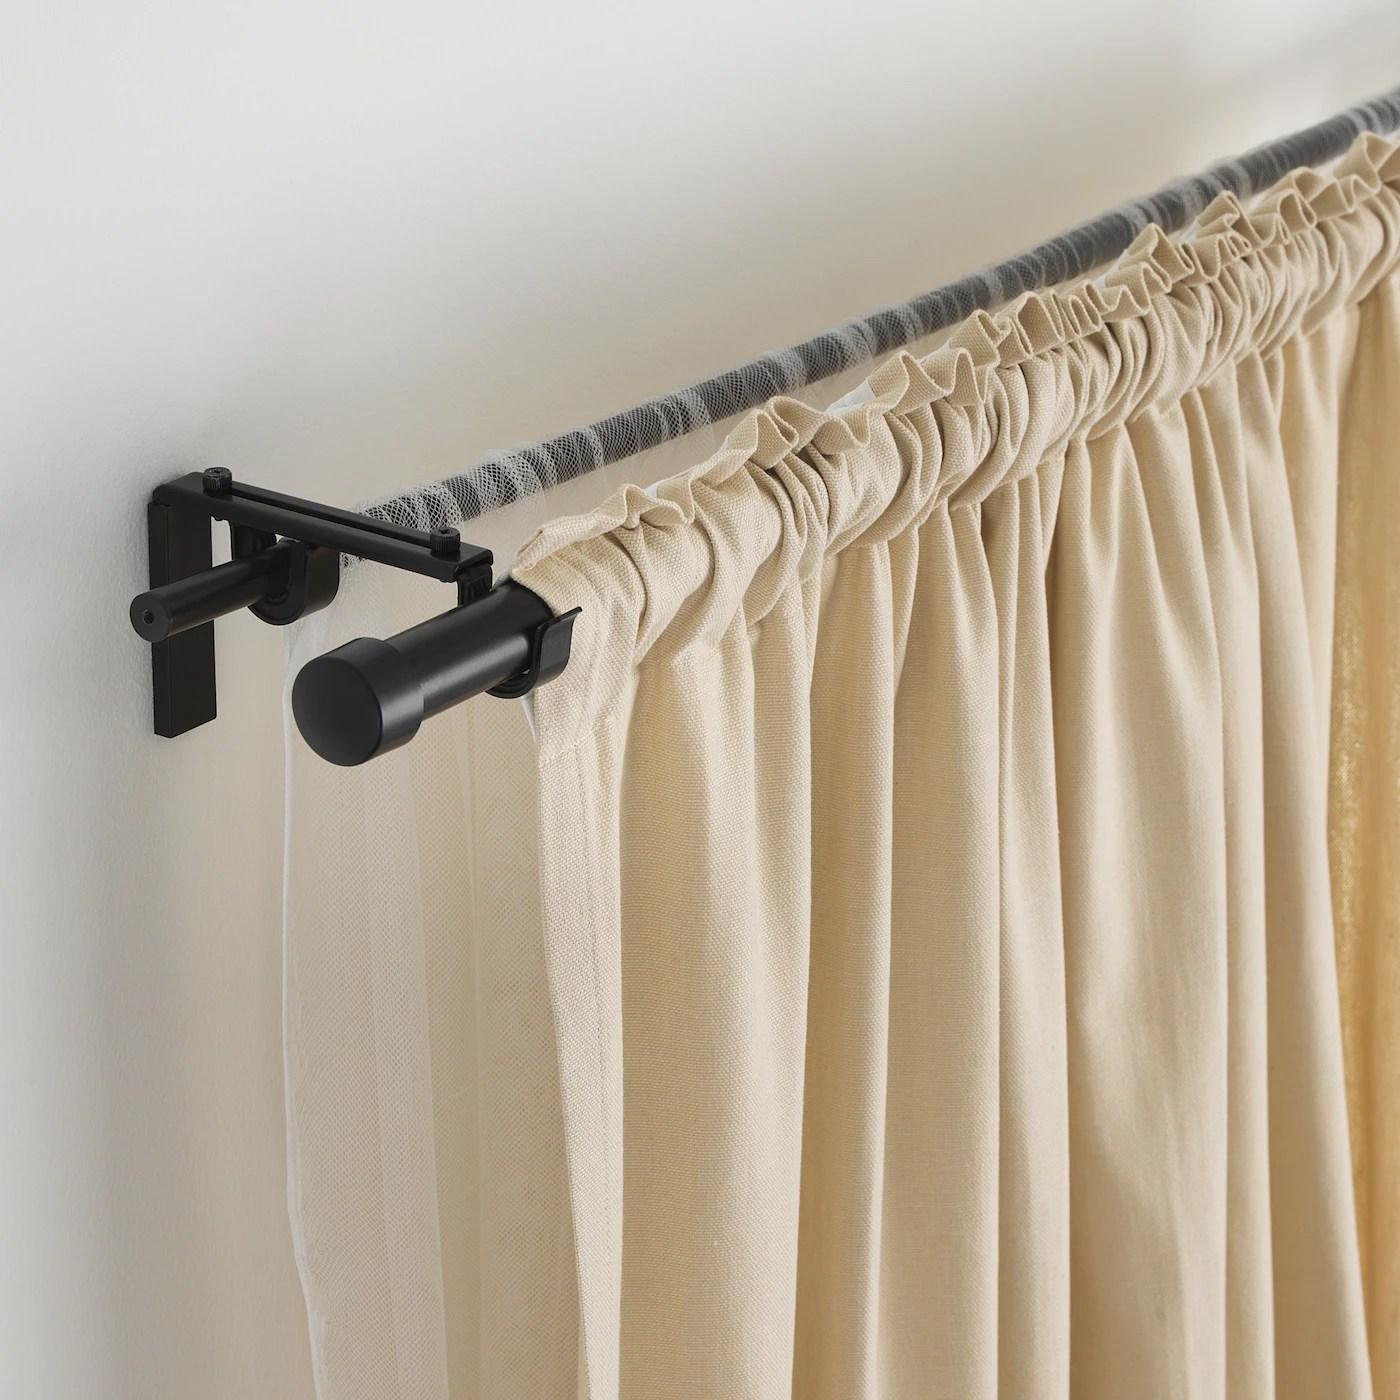 racka hugad combi tringle a rideaux double noir 210 385 cm